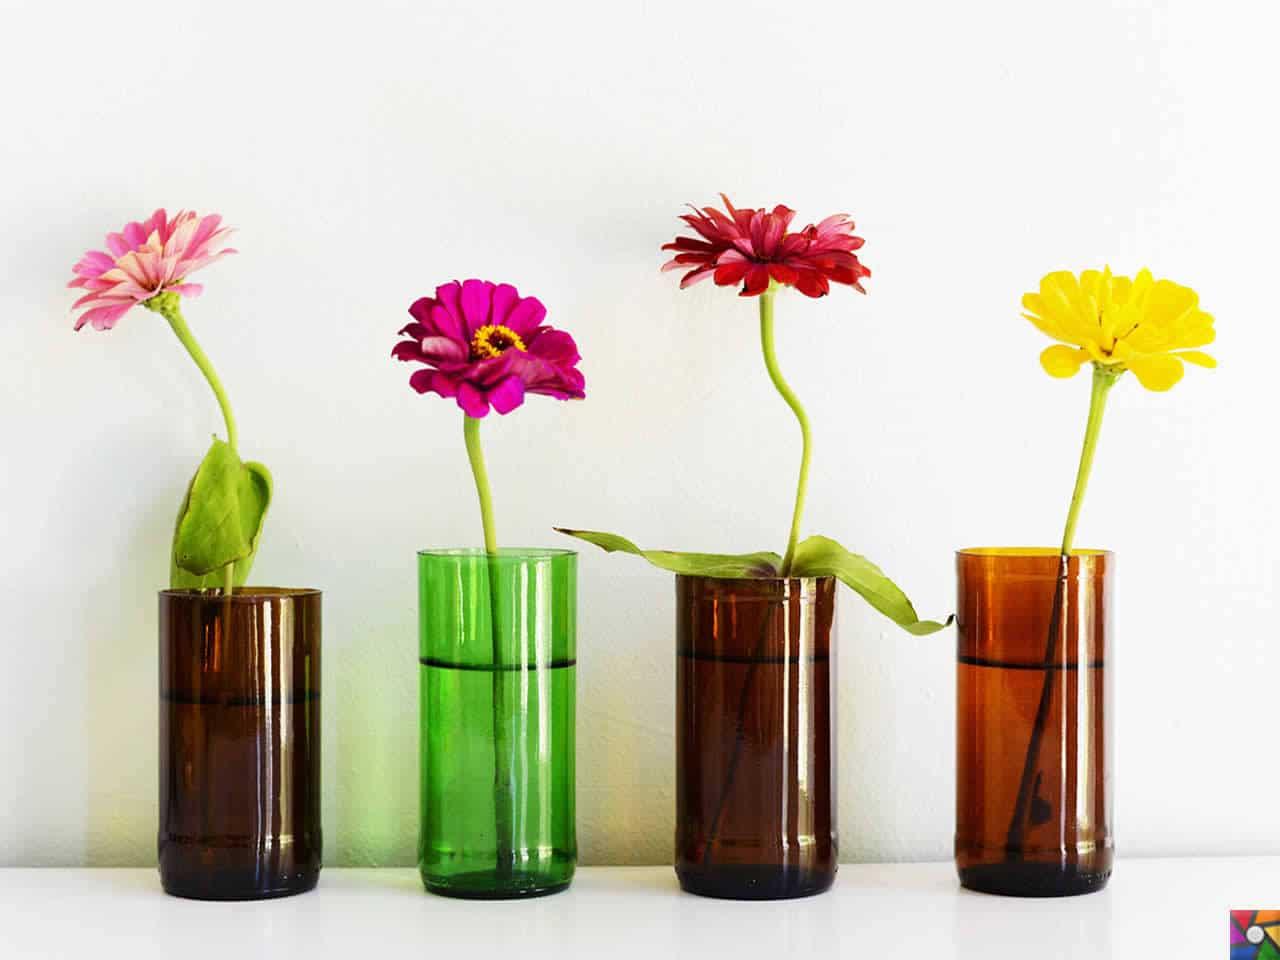 Что можно сделать из вазы для цветов фото